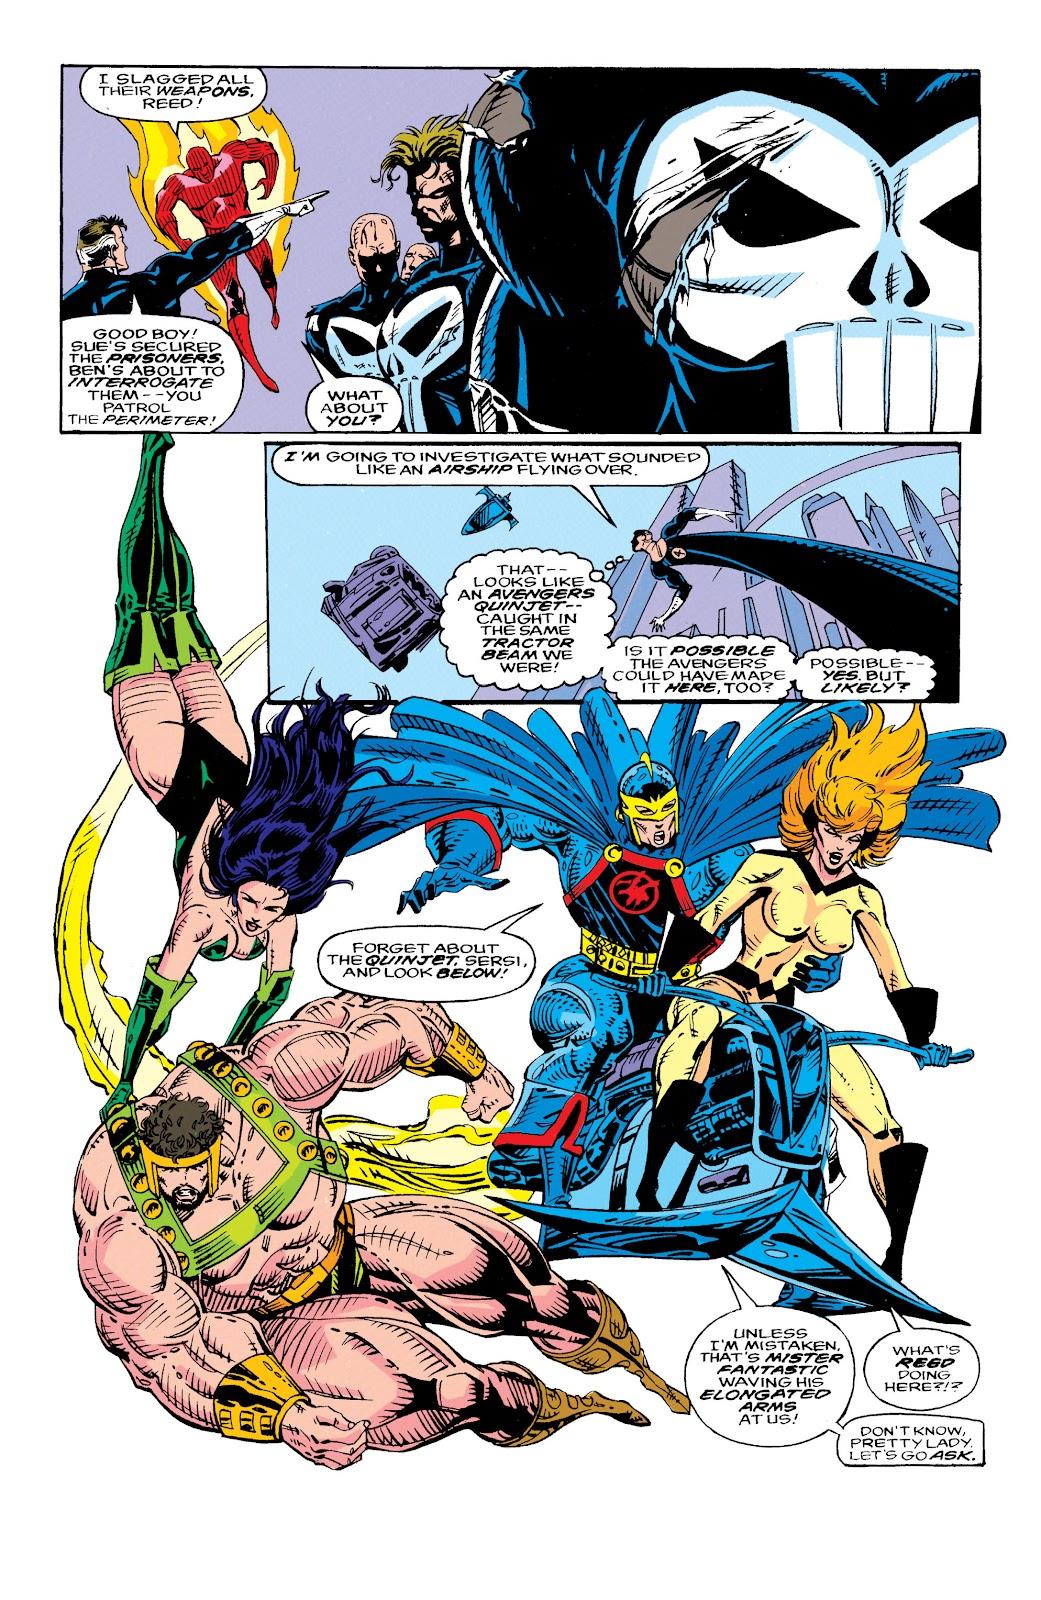 Read online Avengers: Citizen Kang comic -  Issue # TPB (Part 2) - 32